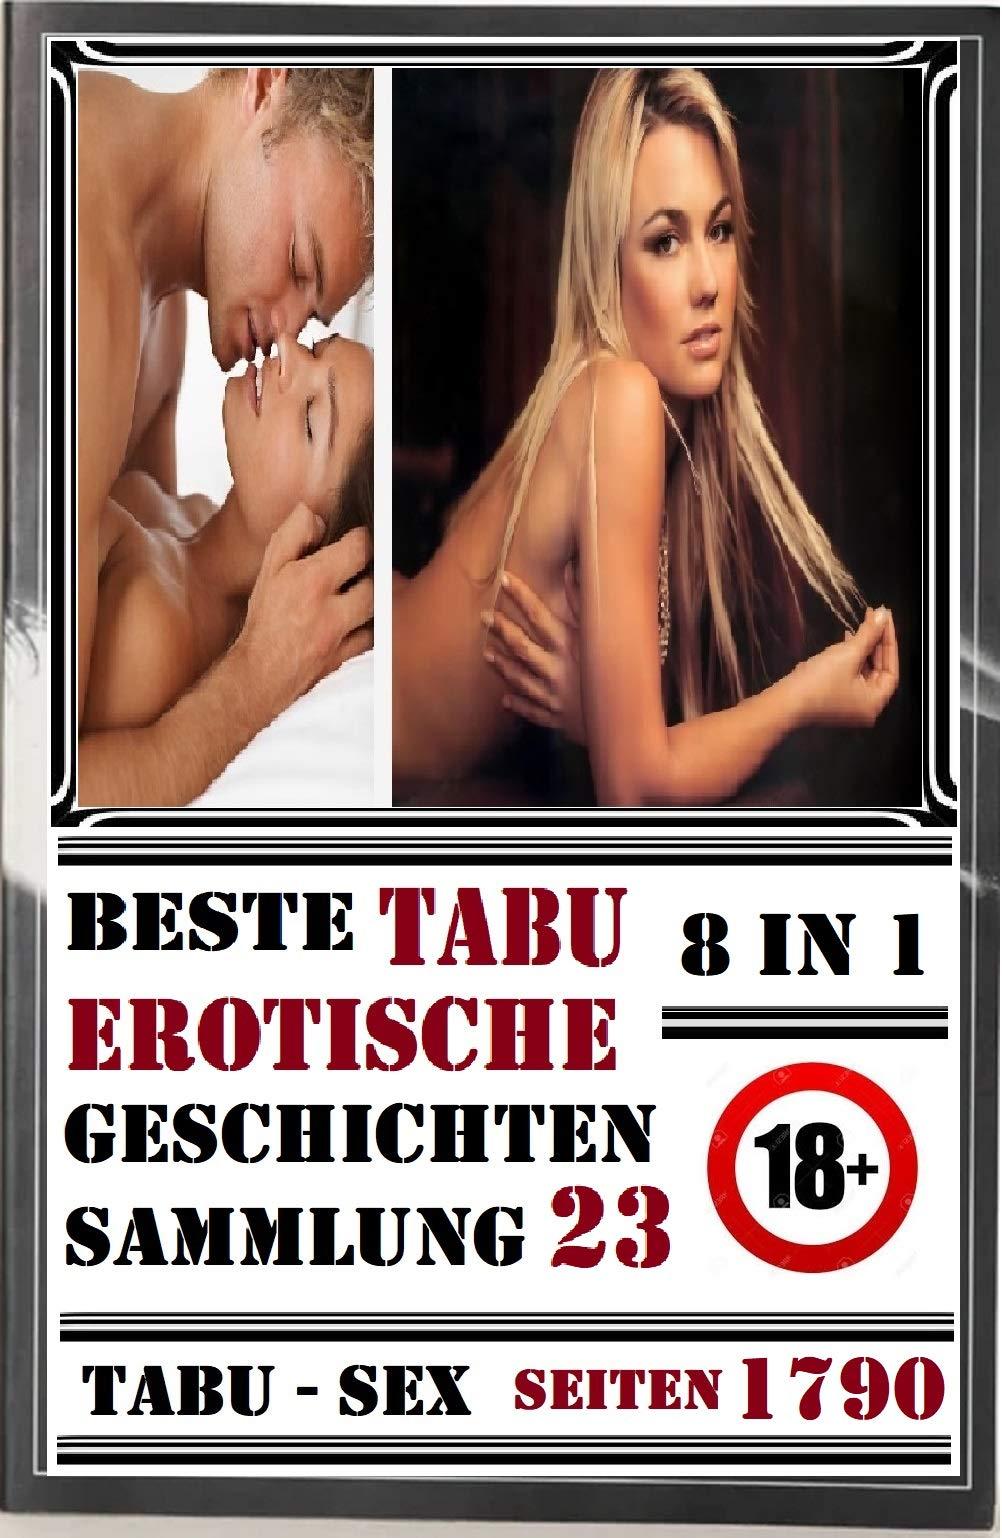 J. M. Gunternes Beste TABU Erotische Fantasy-Geschichten Sammlung 23 (8 in 1)